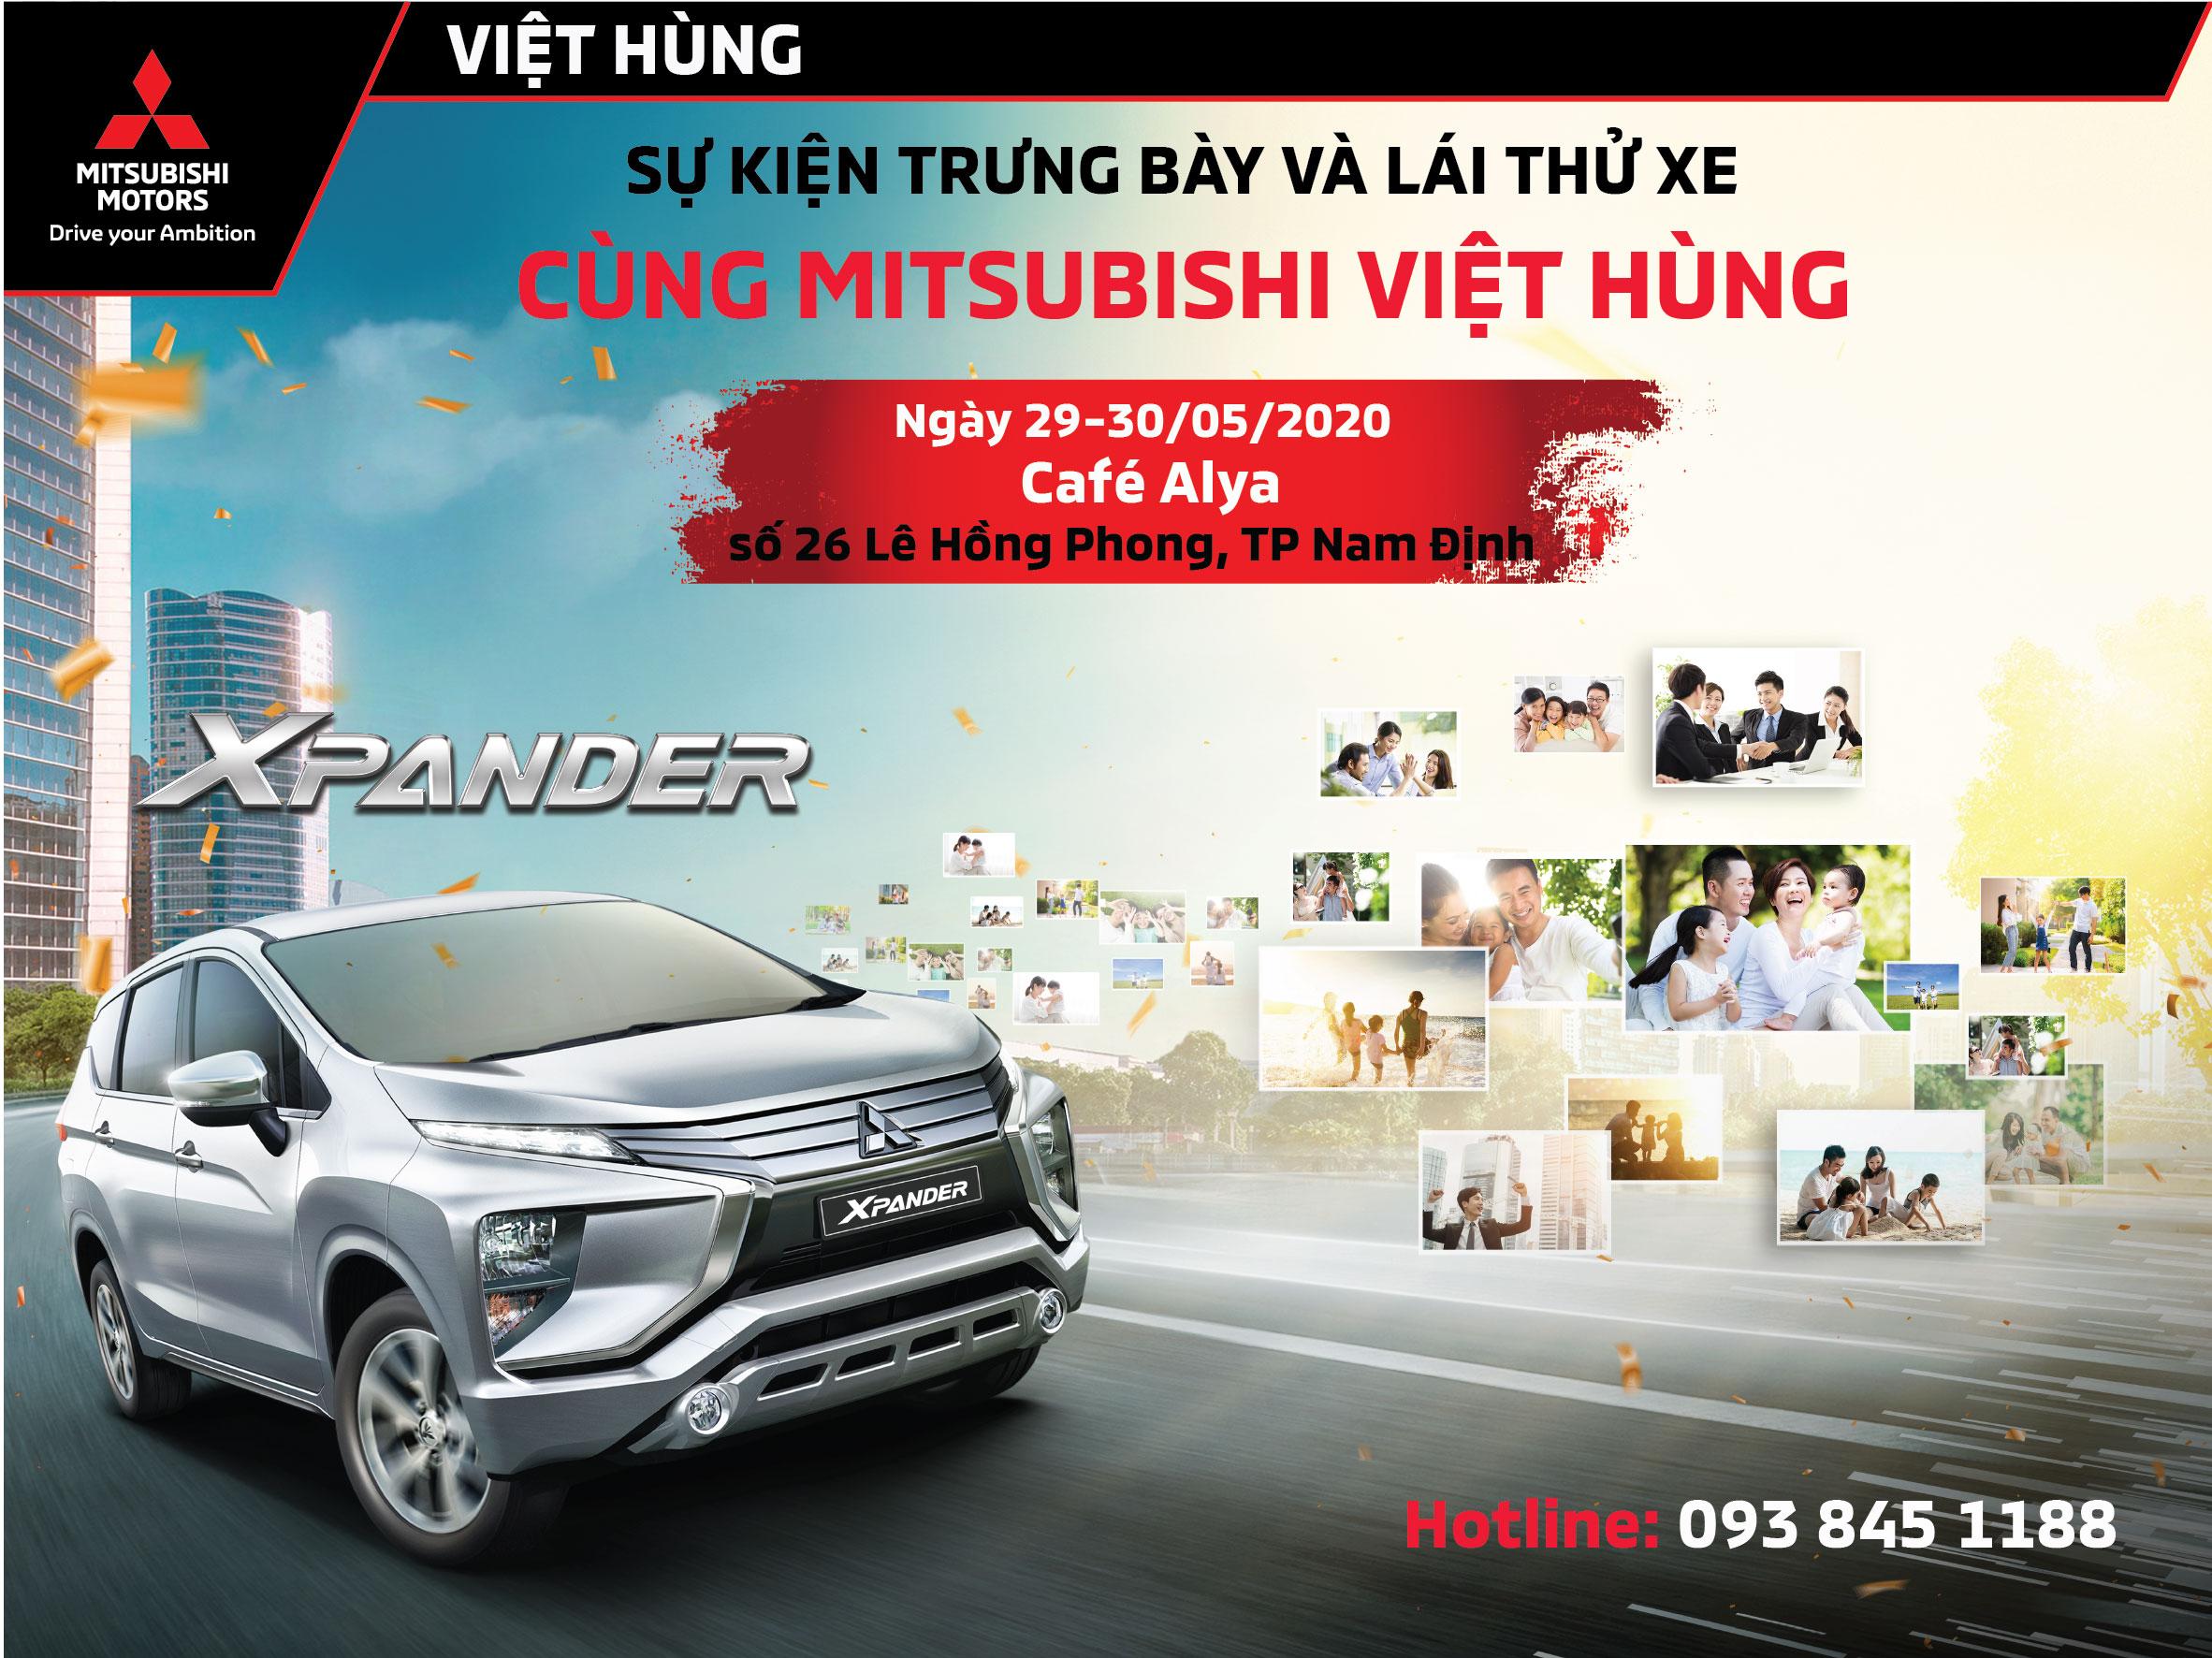 Sự kiện lái thử xe Mitsubishi ngày 29-30/05/2020 tại Alya cafe, số 26 Lê Hồng Phong, TP Nam Định